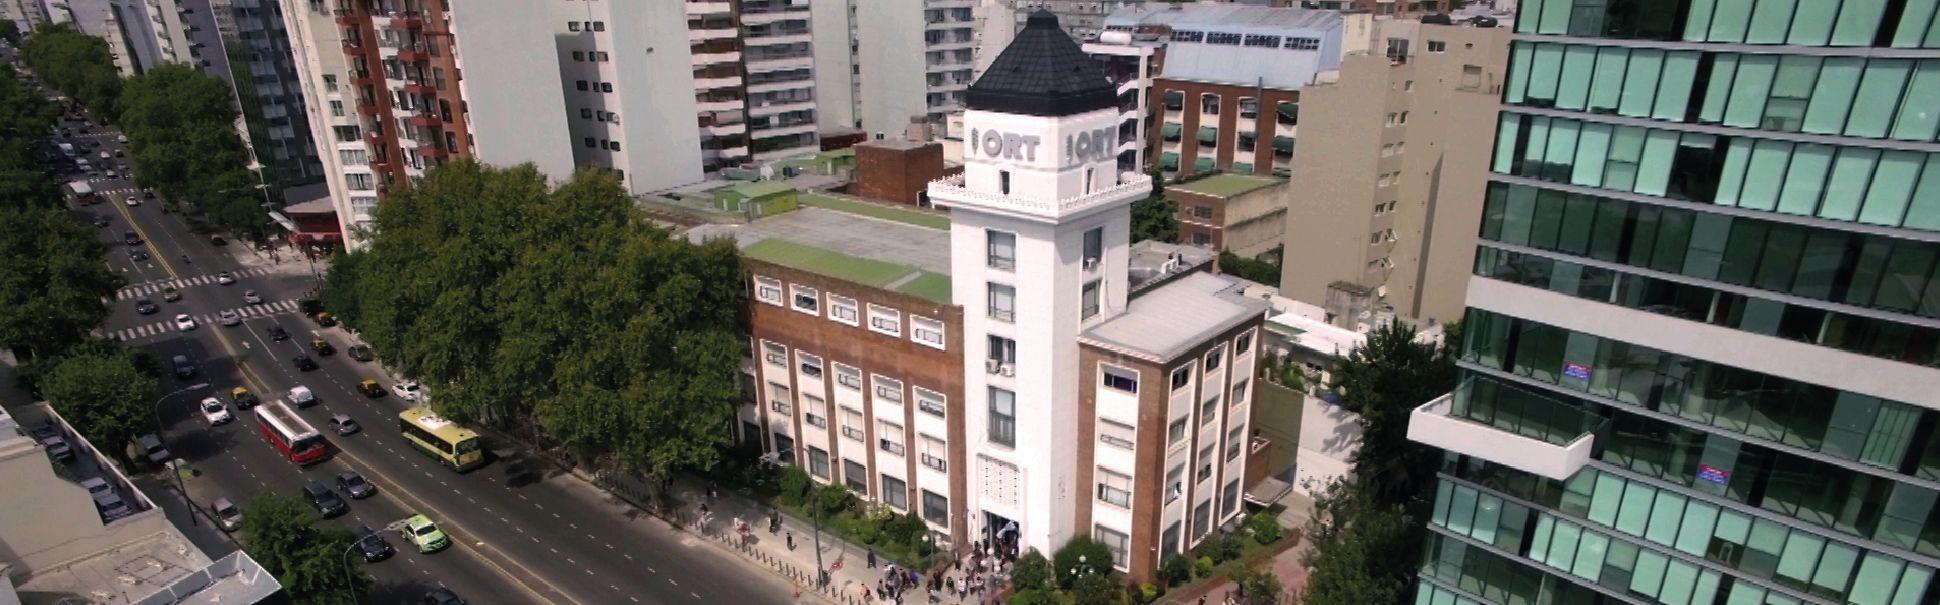 Escuela ORT